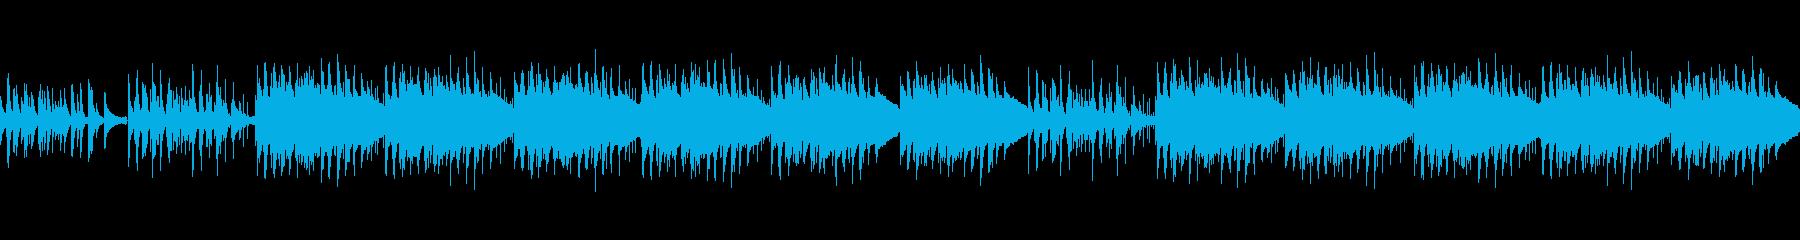 サラサラ ジャズ レトロ ほのぼの...の再生済みの波形